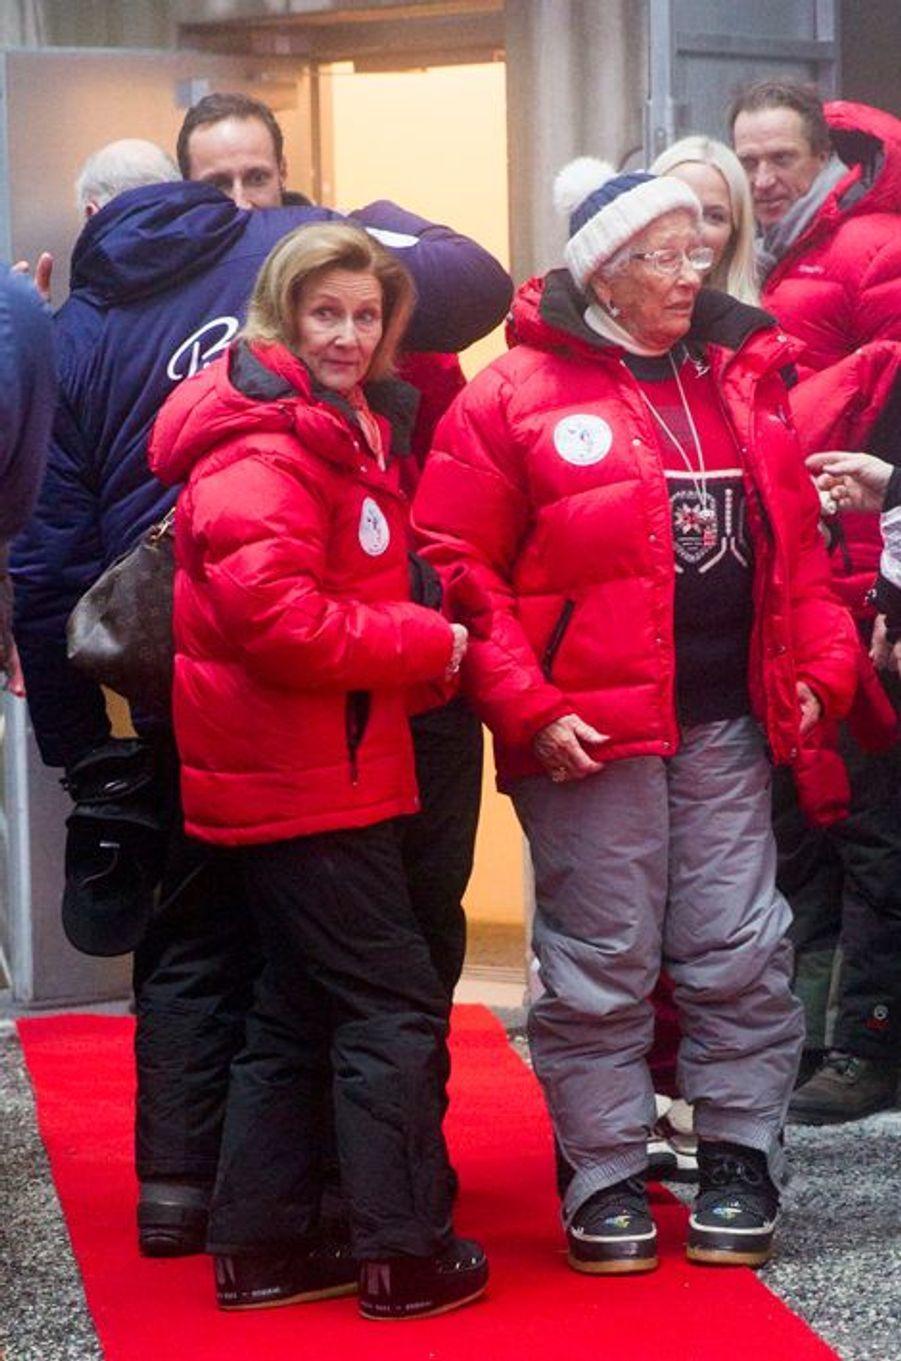 La reine Sonja de Norvège et sa belle-soeur la princesse Astrid à la Holmenkollen FIS World Cup Nordic à Oslo, le 7 février 2016